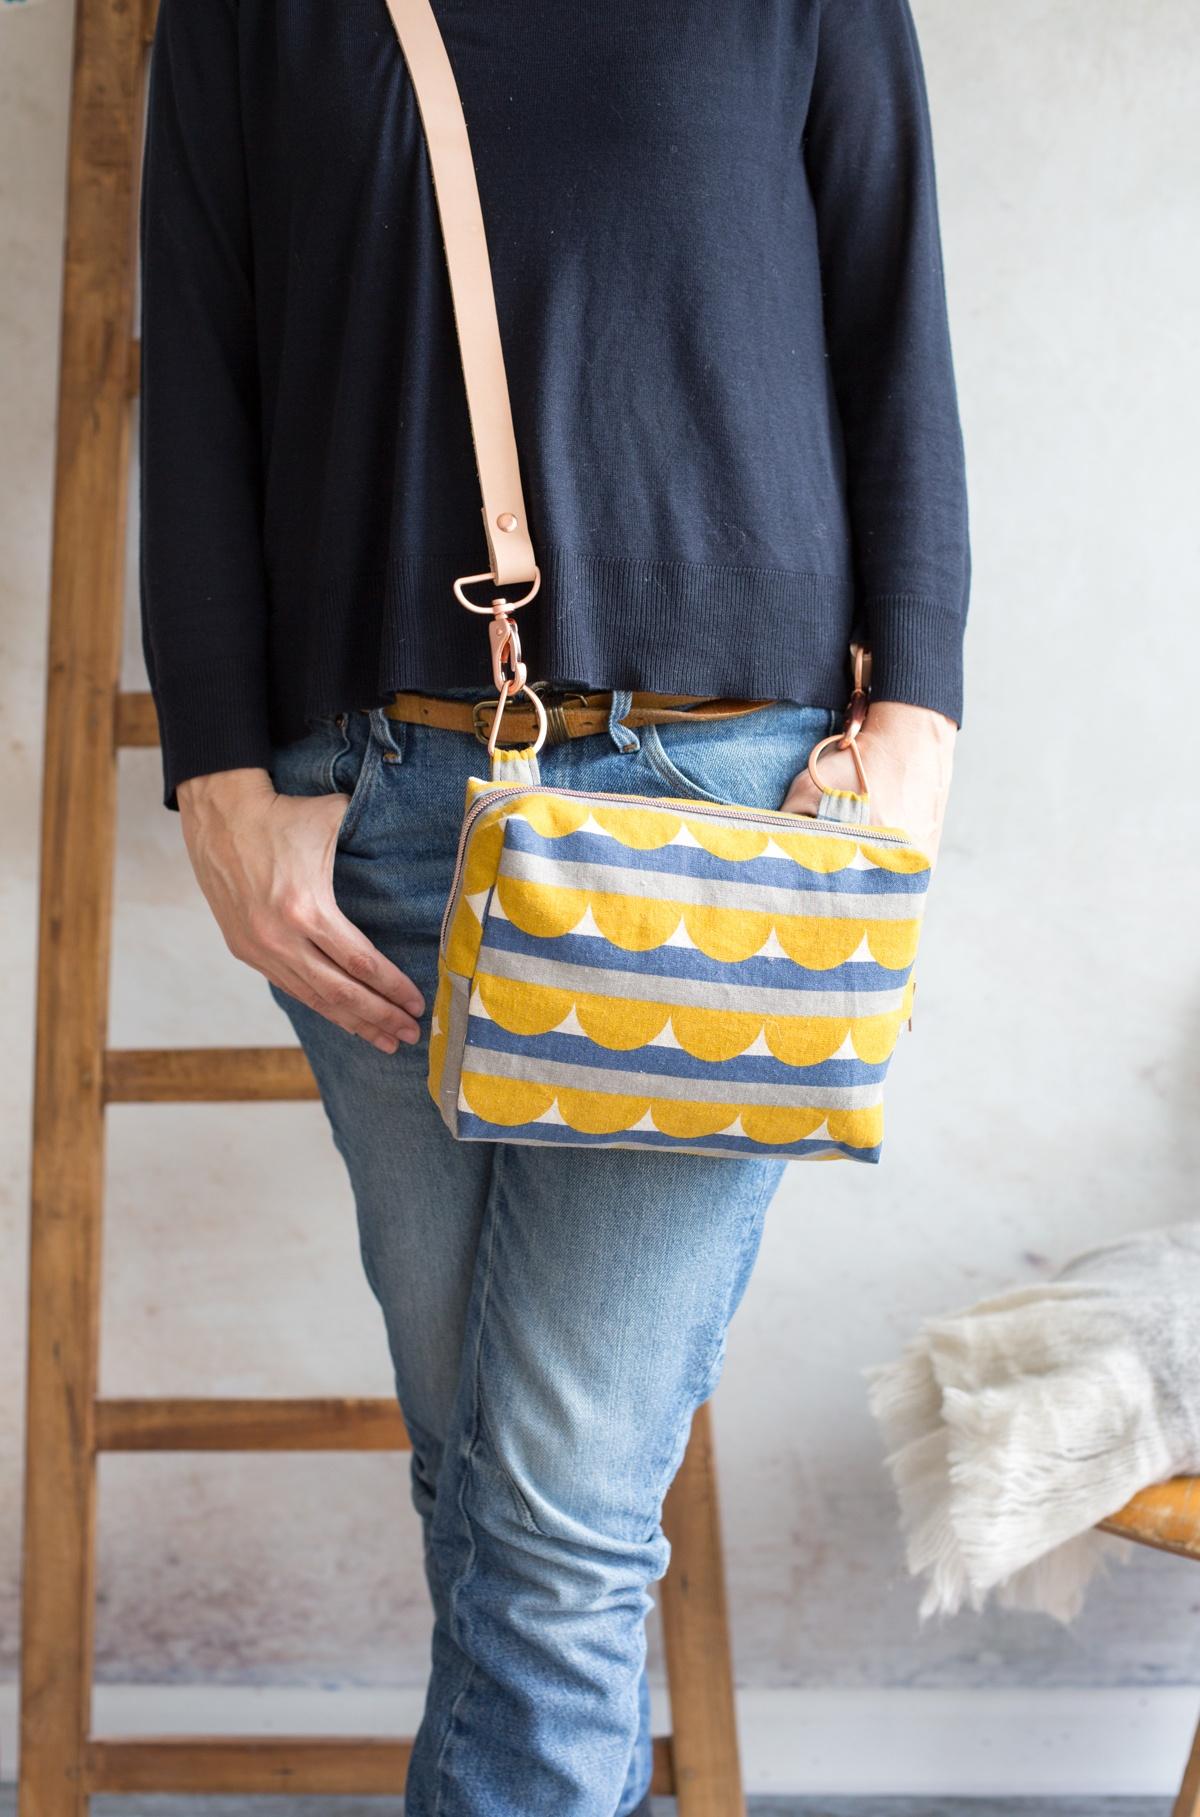 Hüfttasche Designbeispiel für den Taschenspieler 4 Sew Along